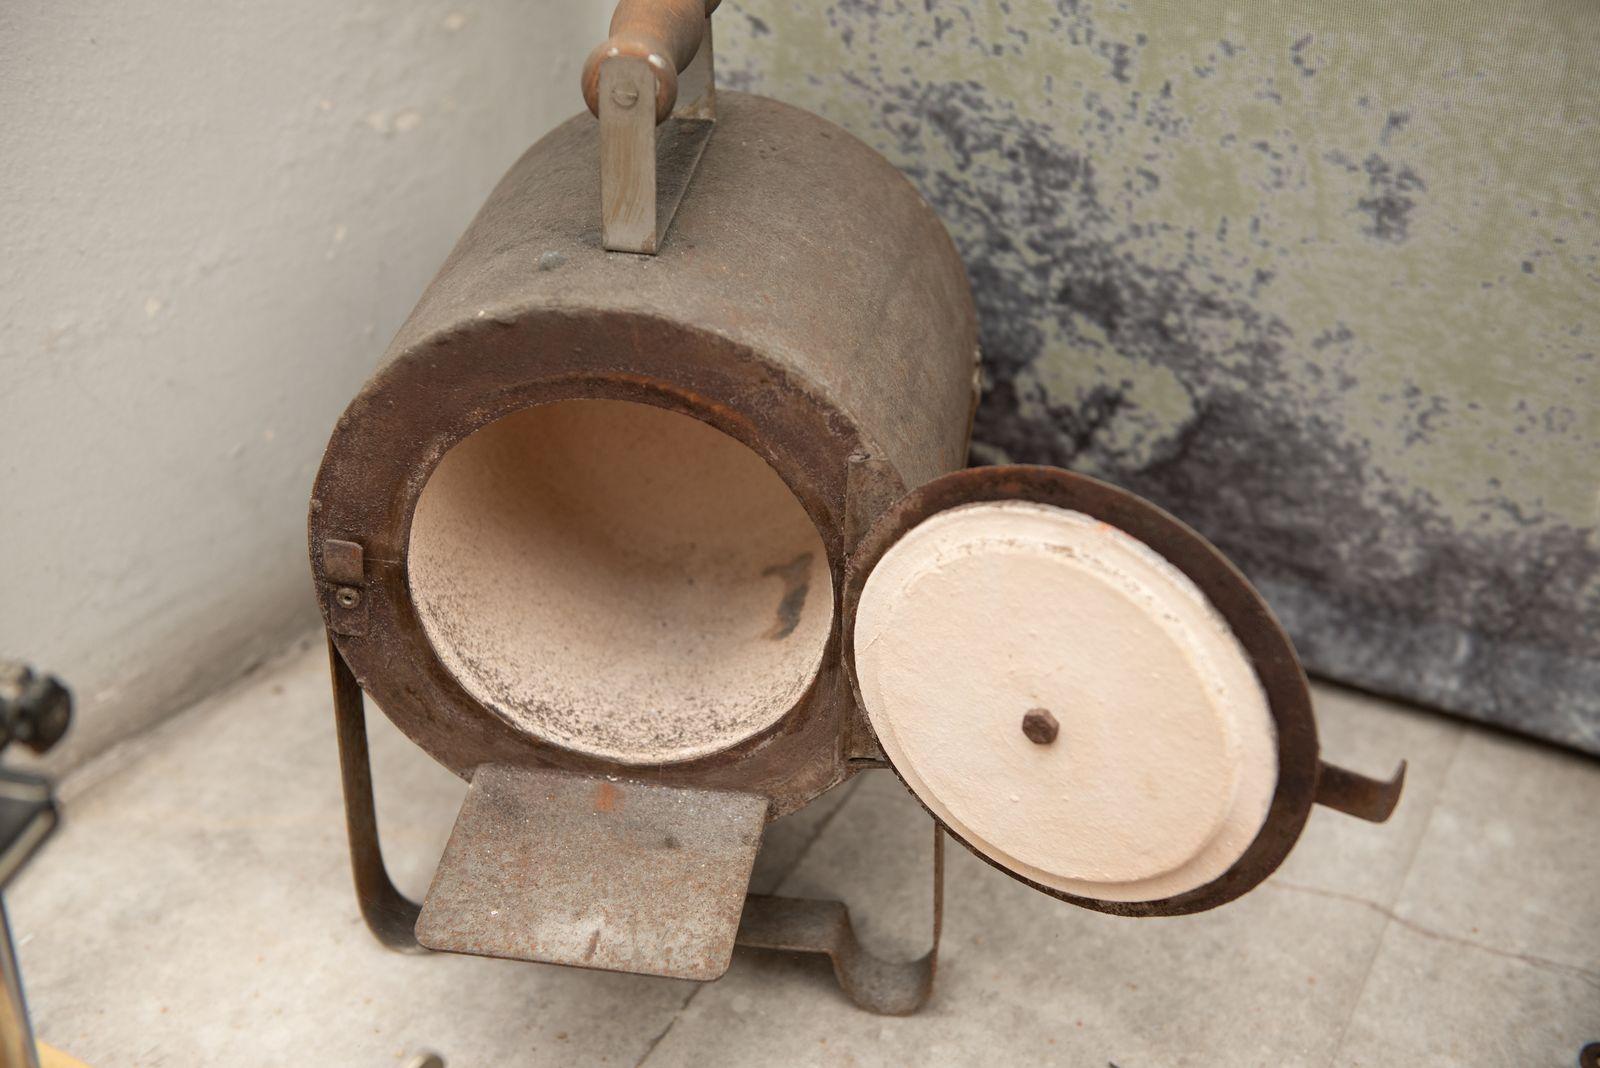 Muzei310_ Зъботехническа пещ за подгряване на муфи и подготовката им за отливане от метал